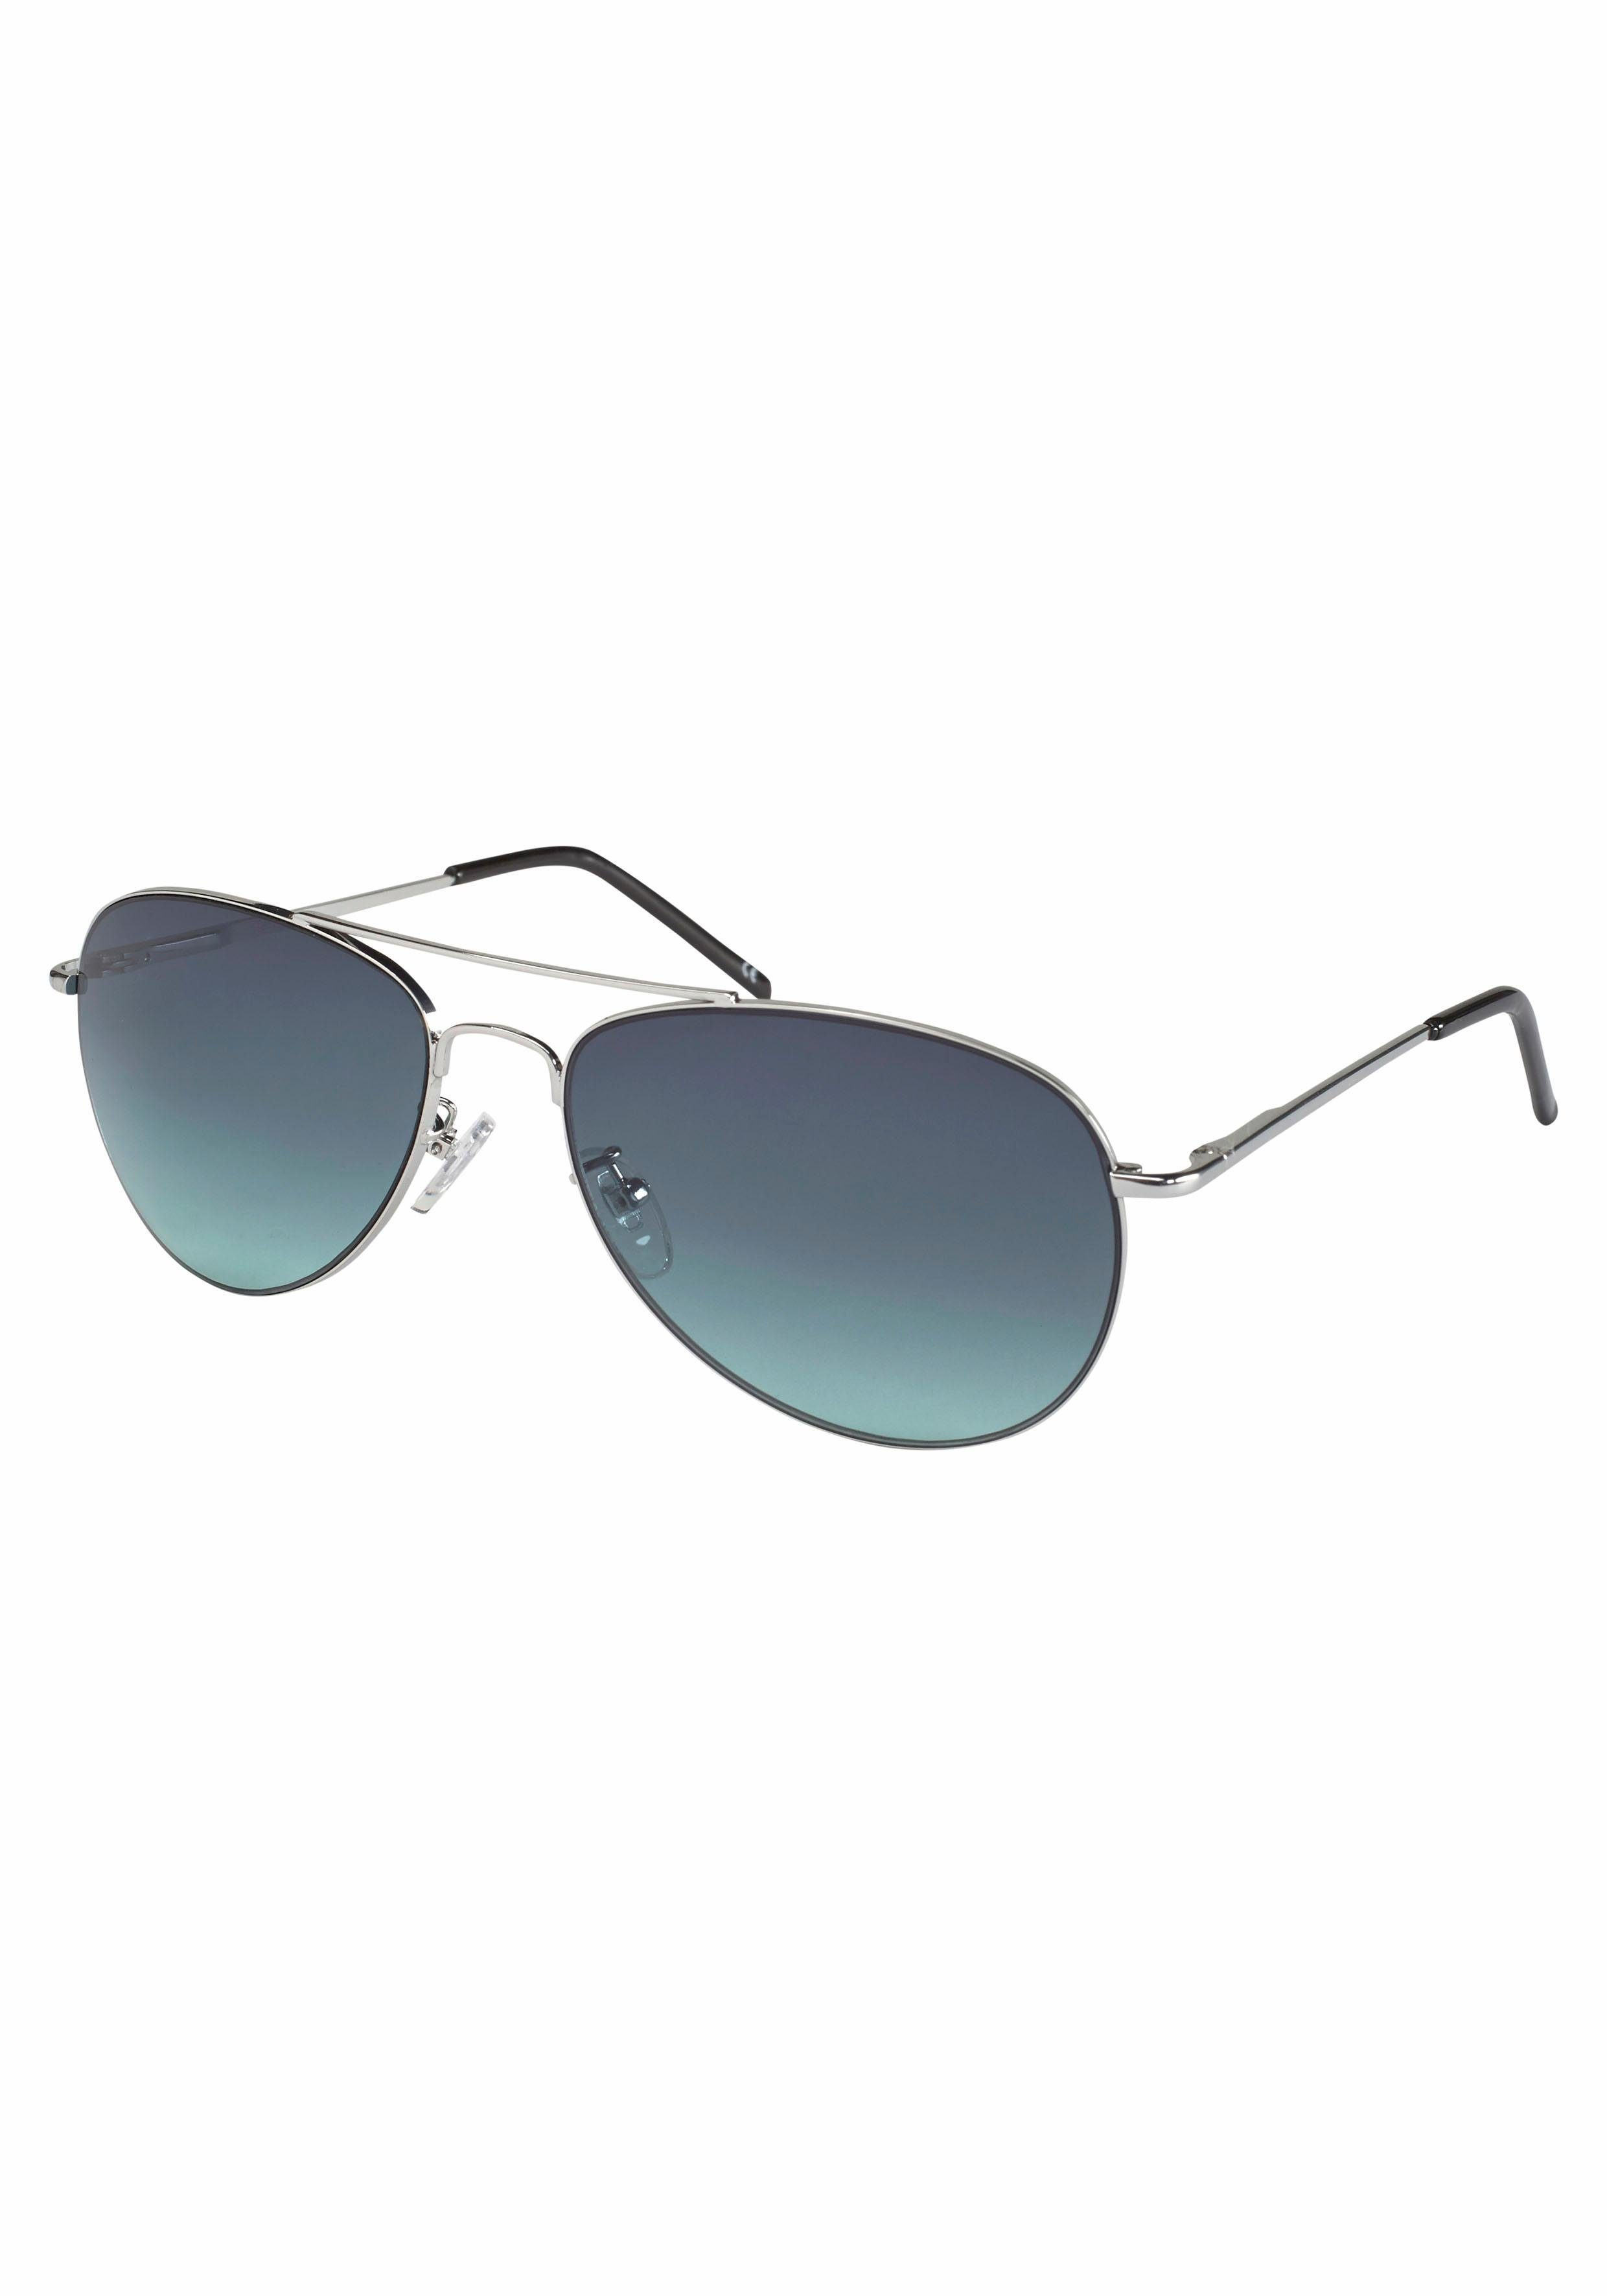 PRIMETTA Eyewear Sonnenbrille, im klassischen Design